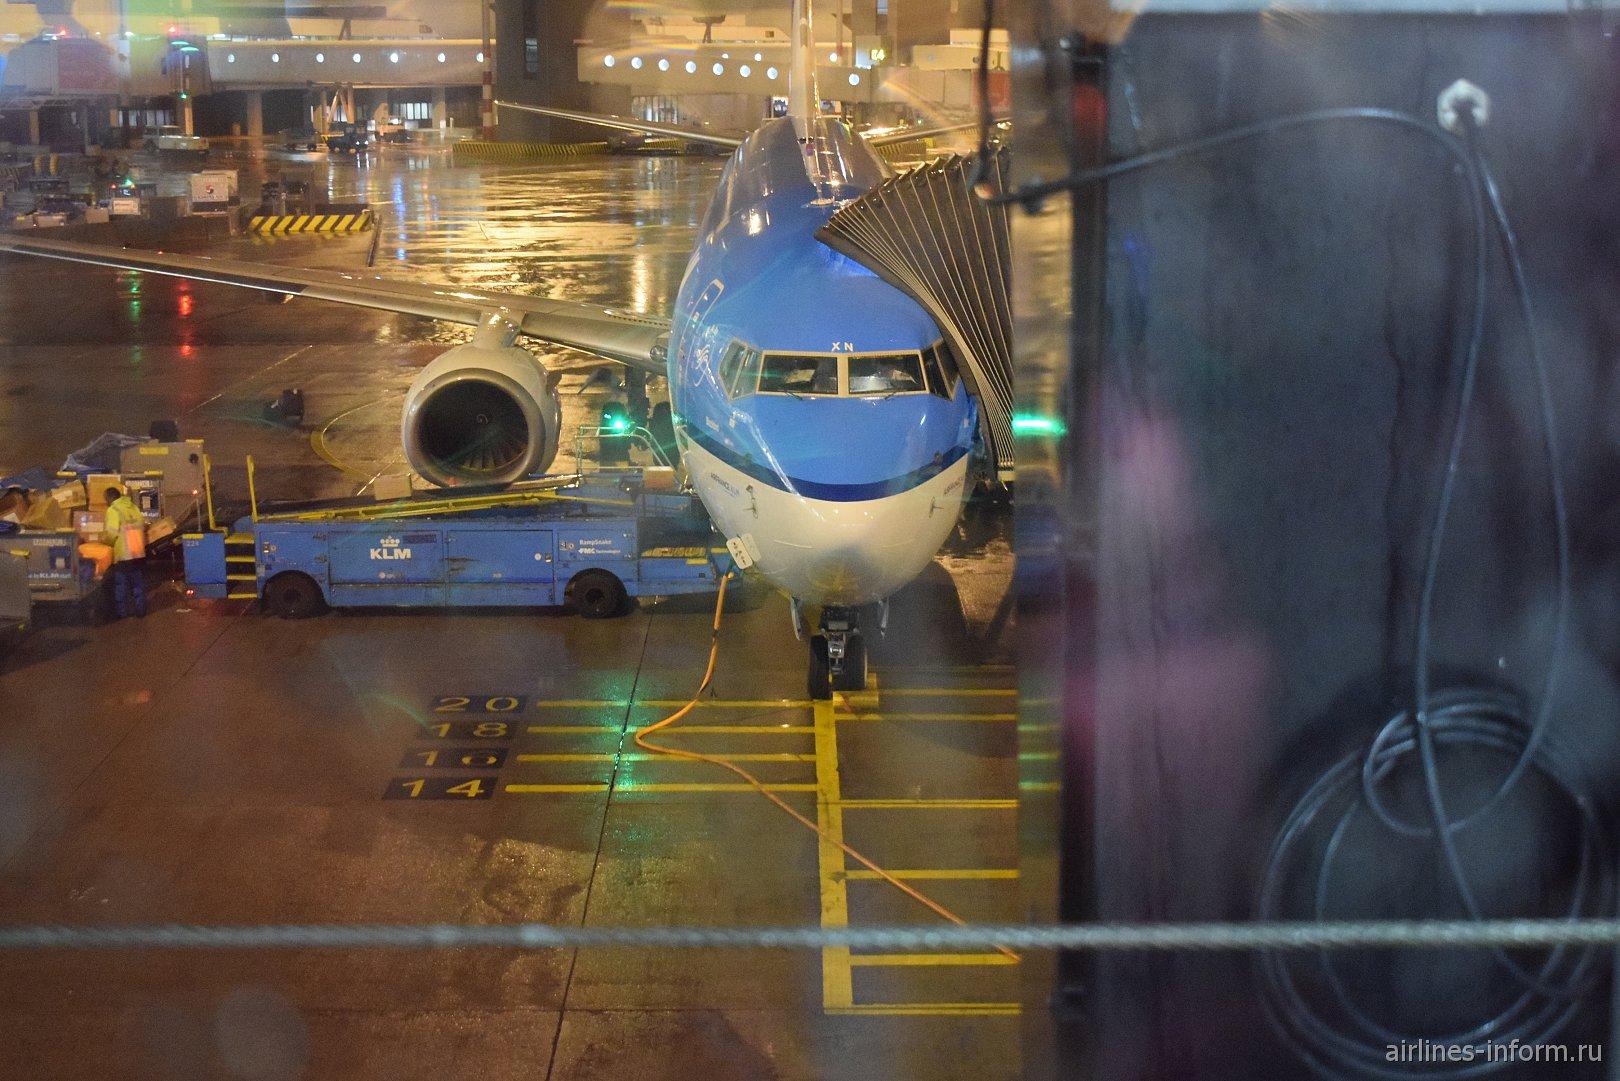 Амстердам-Киев или Голландская неделя с KLM